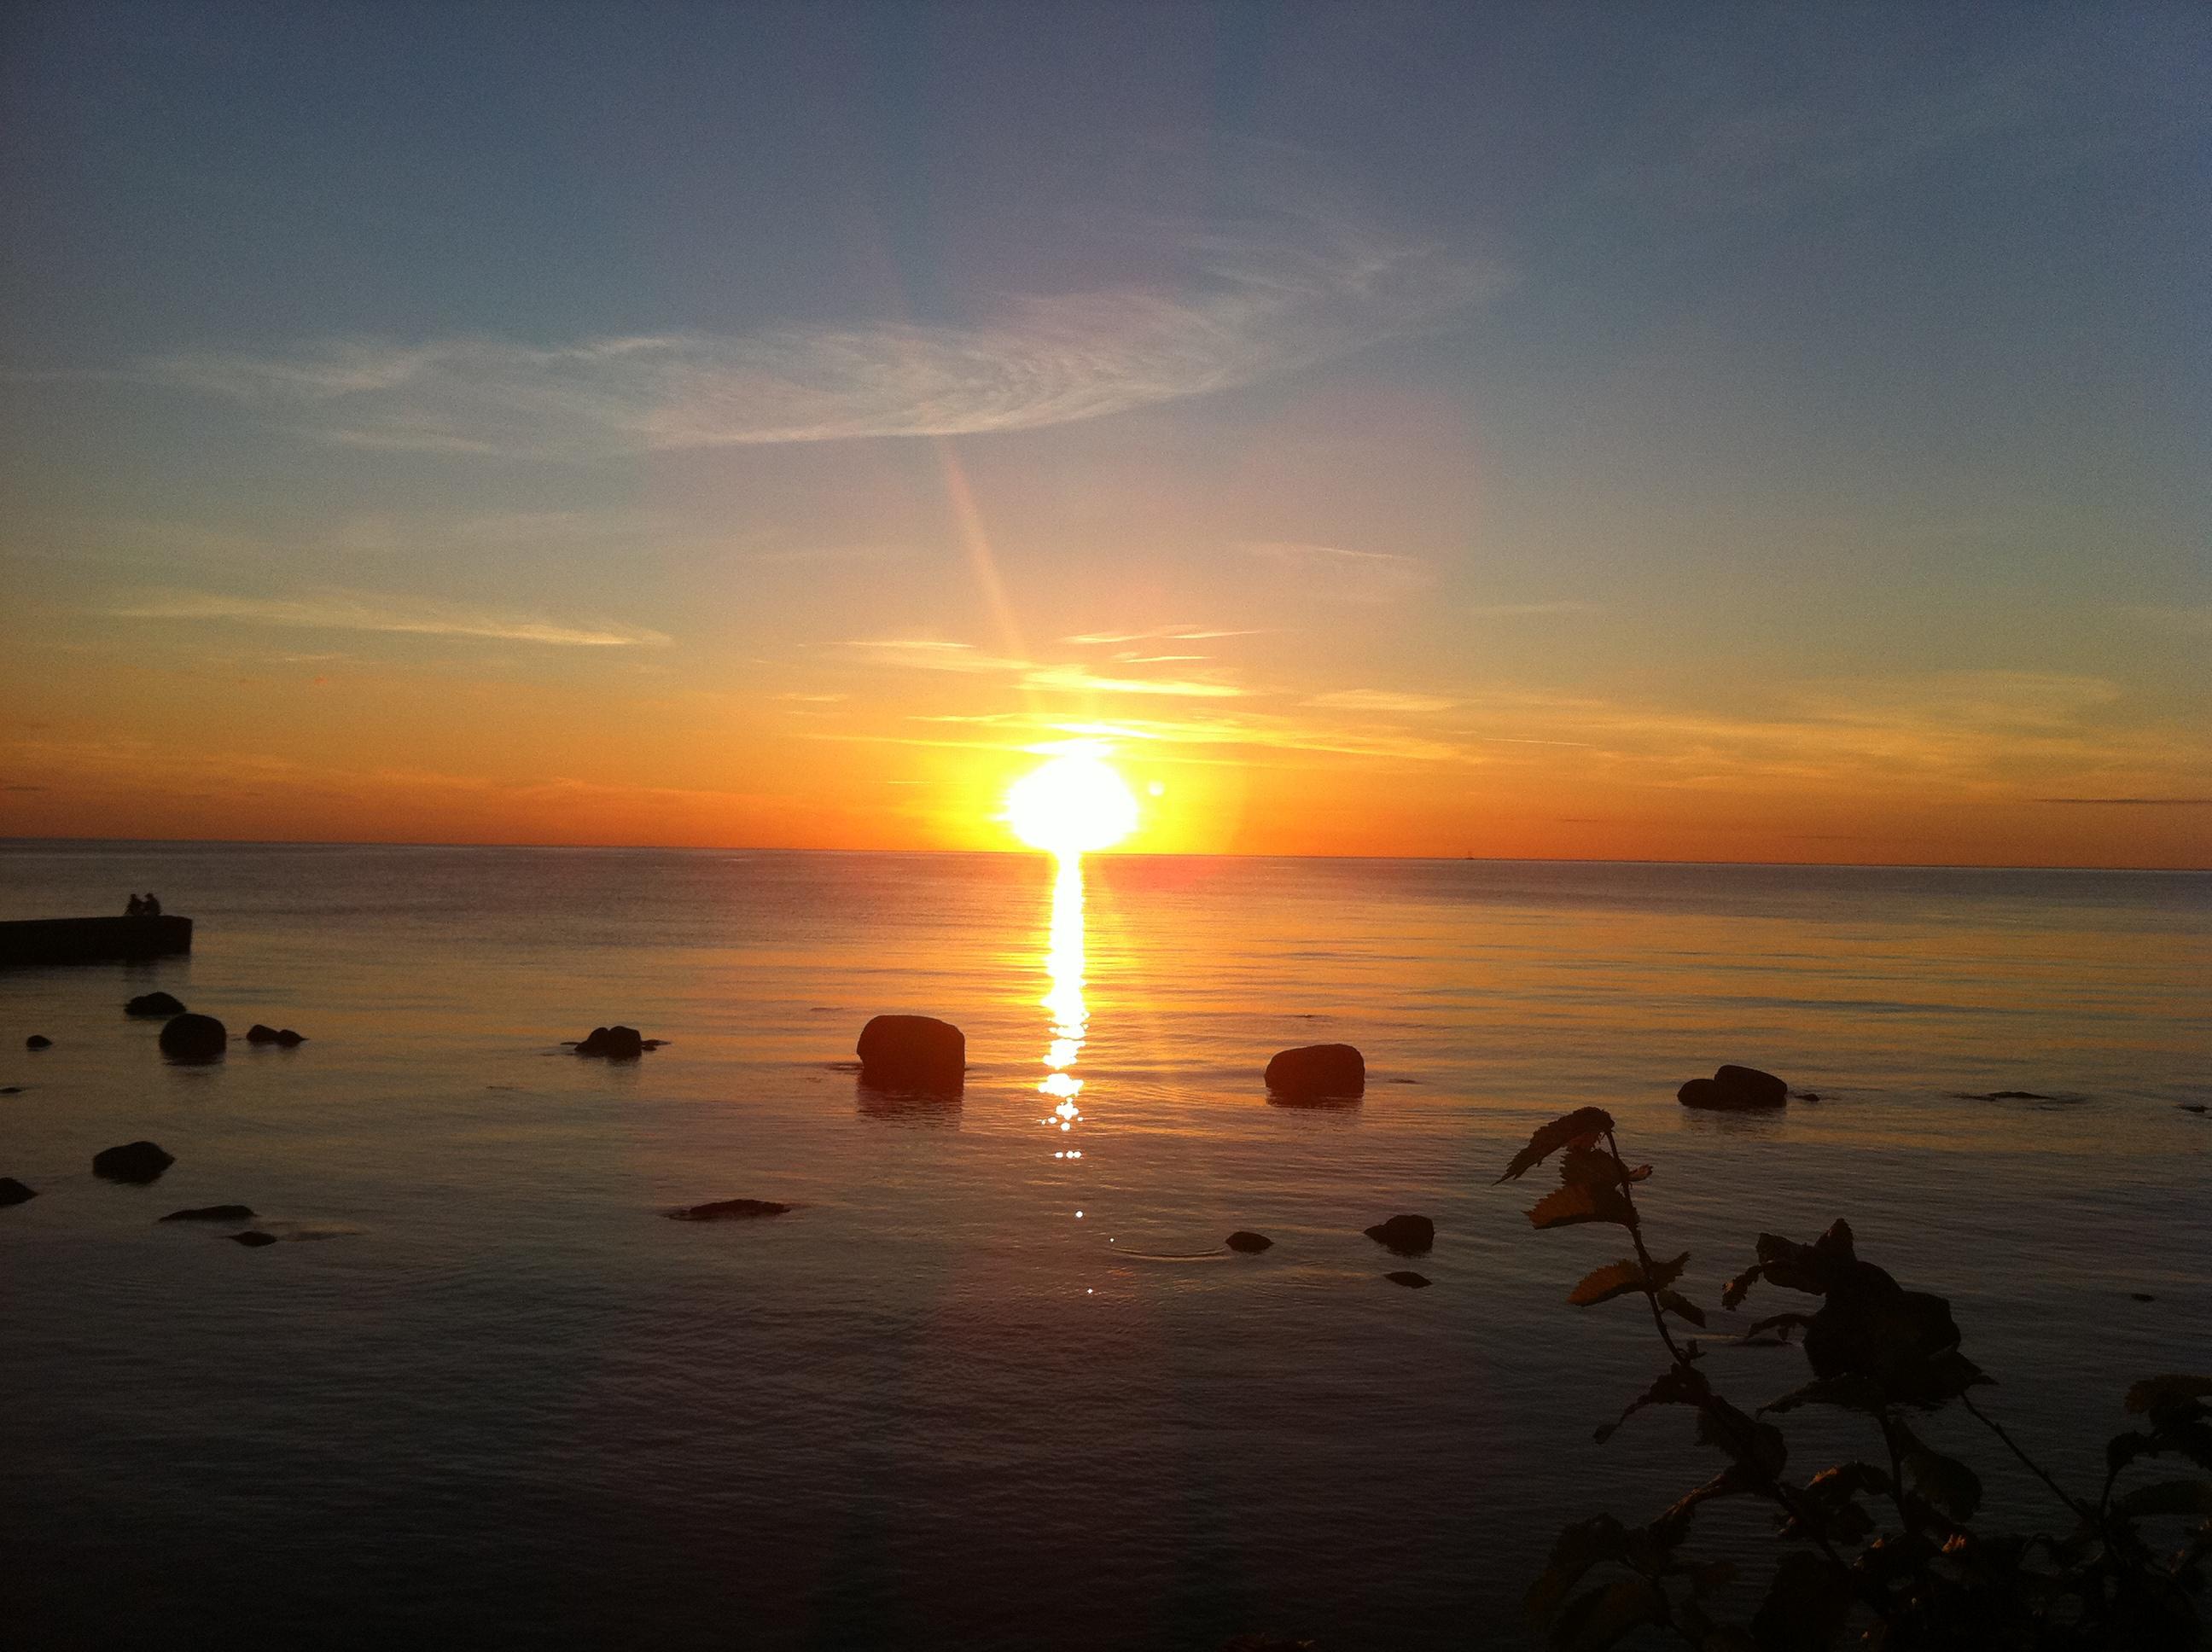 En magisk påklädd solnedgång från Gotland.